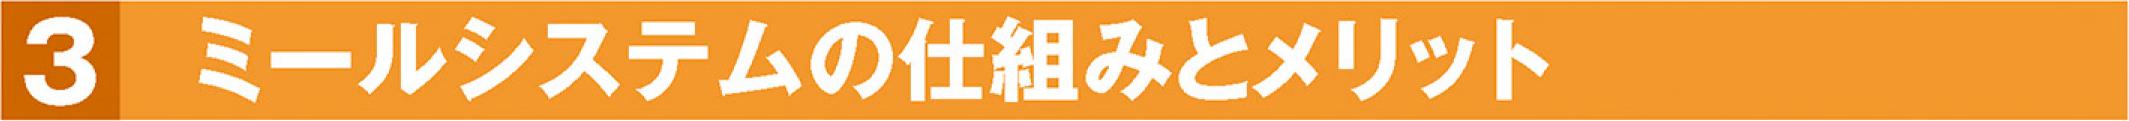 3.生協食堂定期券 ミールシステム